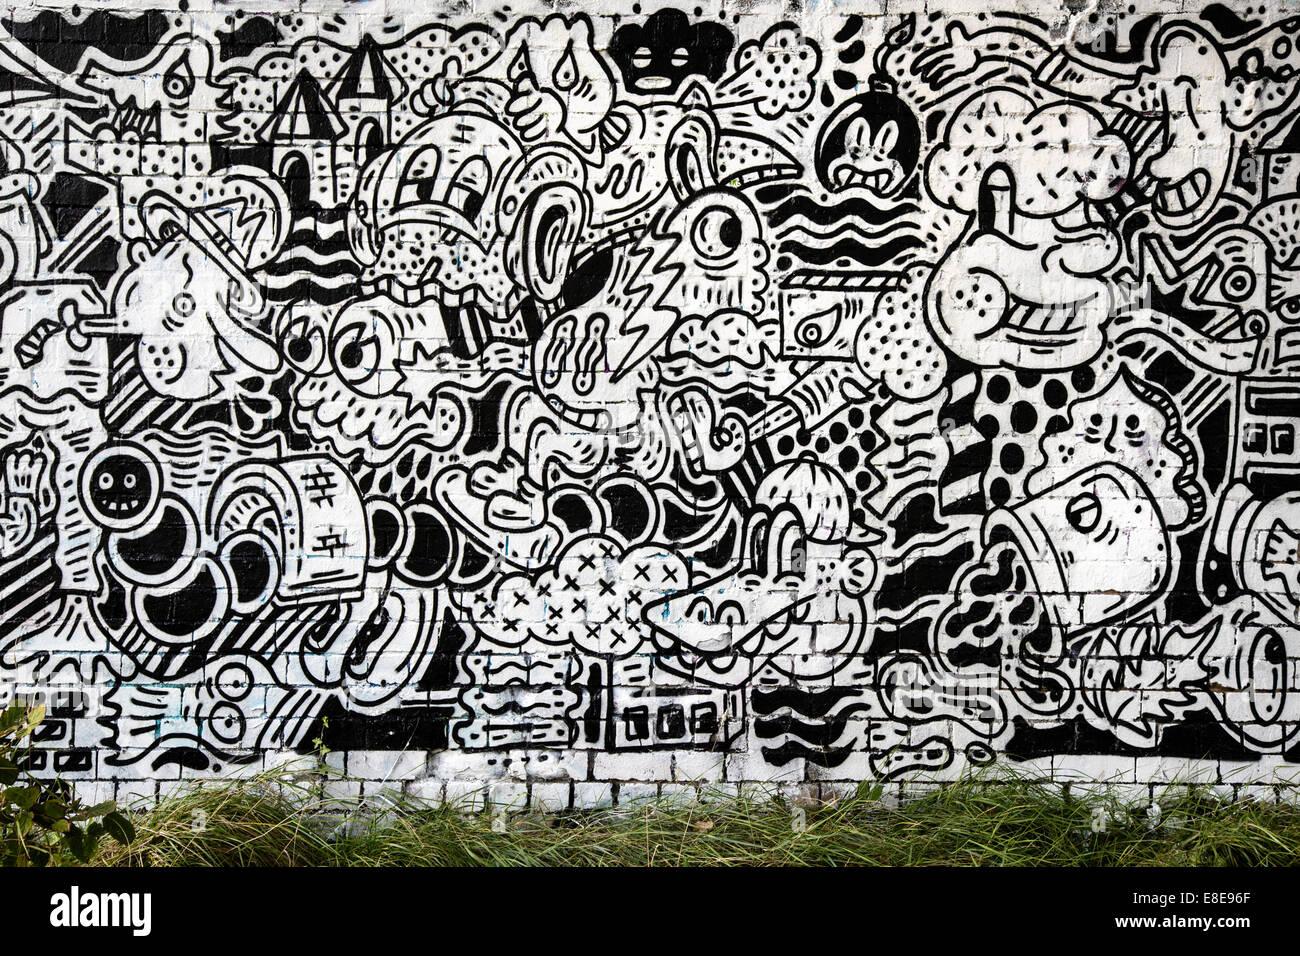 Giant in bianco e nero dei fumetti murale graffiti sotto un Bristol ponte ferroviario Immagini Stock